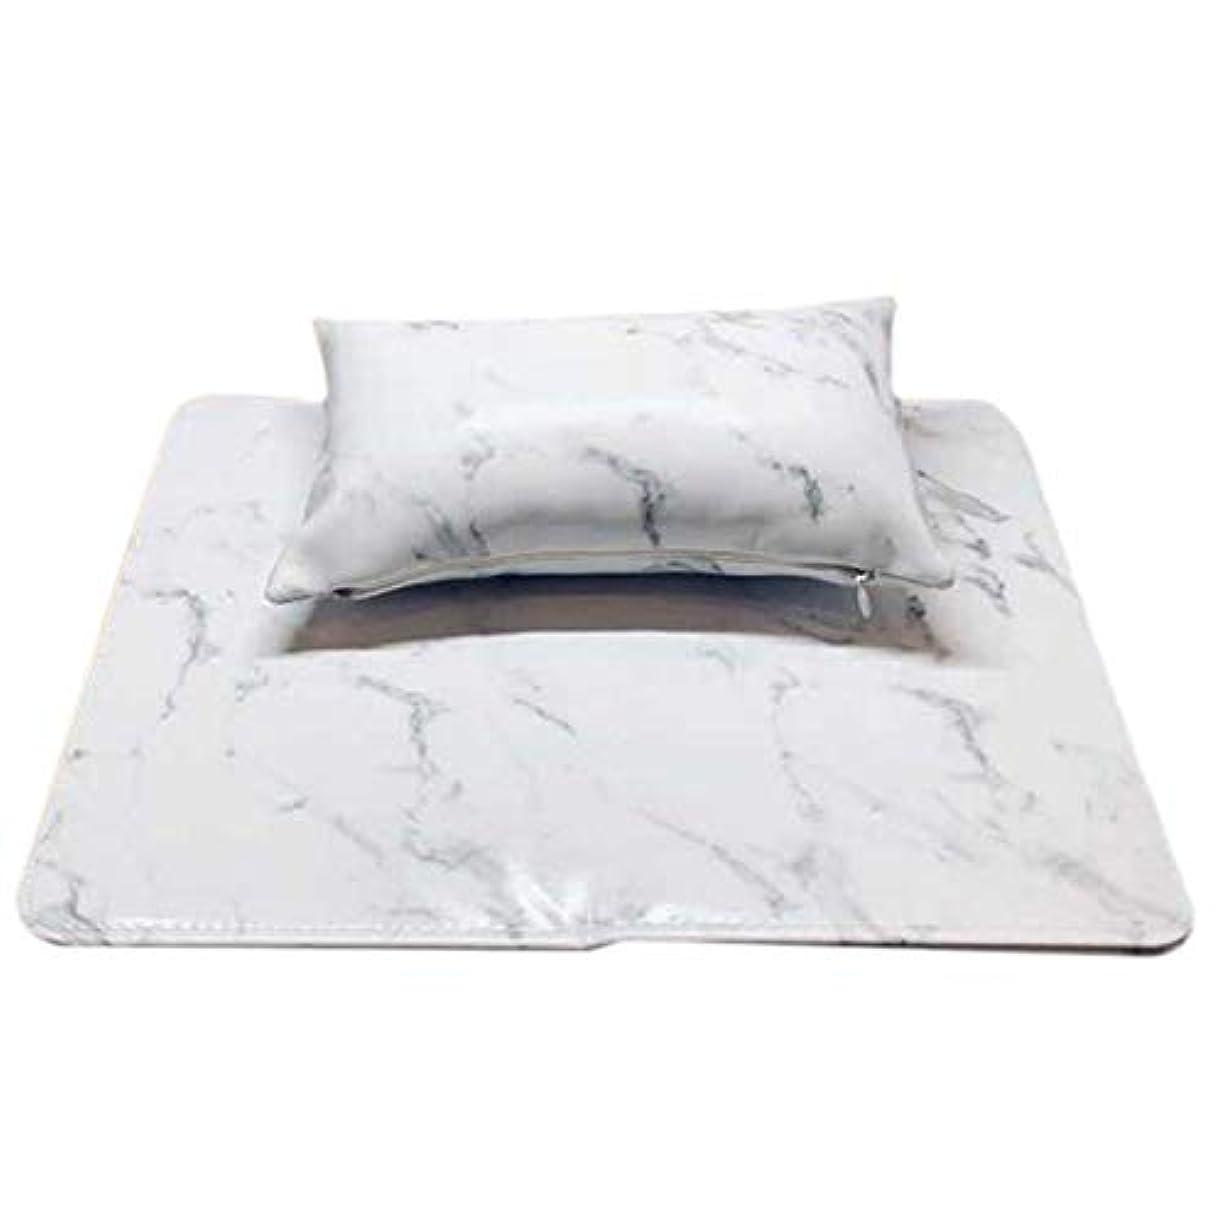 ペフ背の高い潜在的なCUHAWUDBA マニキュアツール ソフトハンドクッション枕とパッドレストネイルアートアームレストホルダー マニキュアネイルアートアクセサリーレザー(2個 一体化)ホワイト